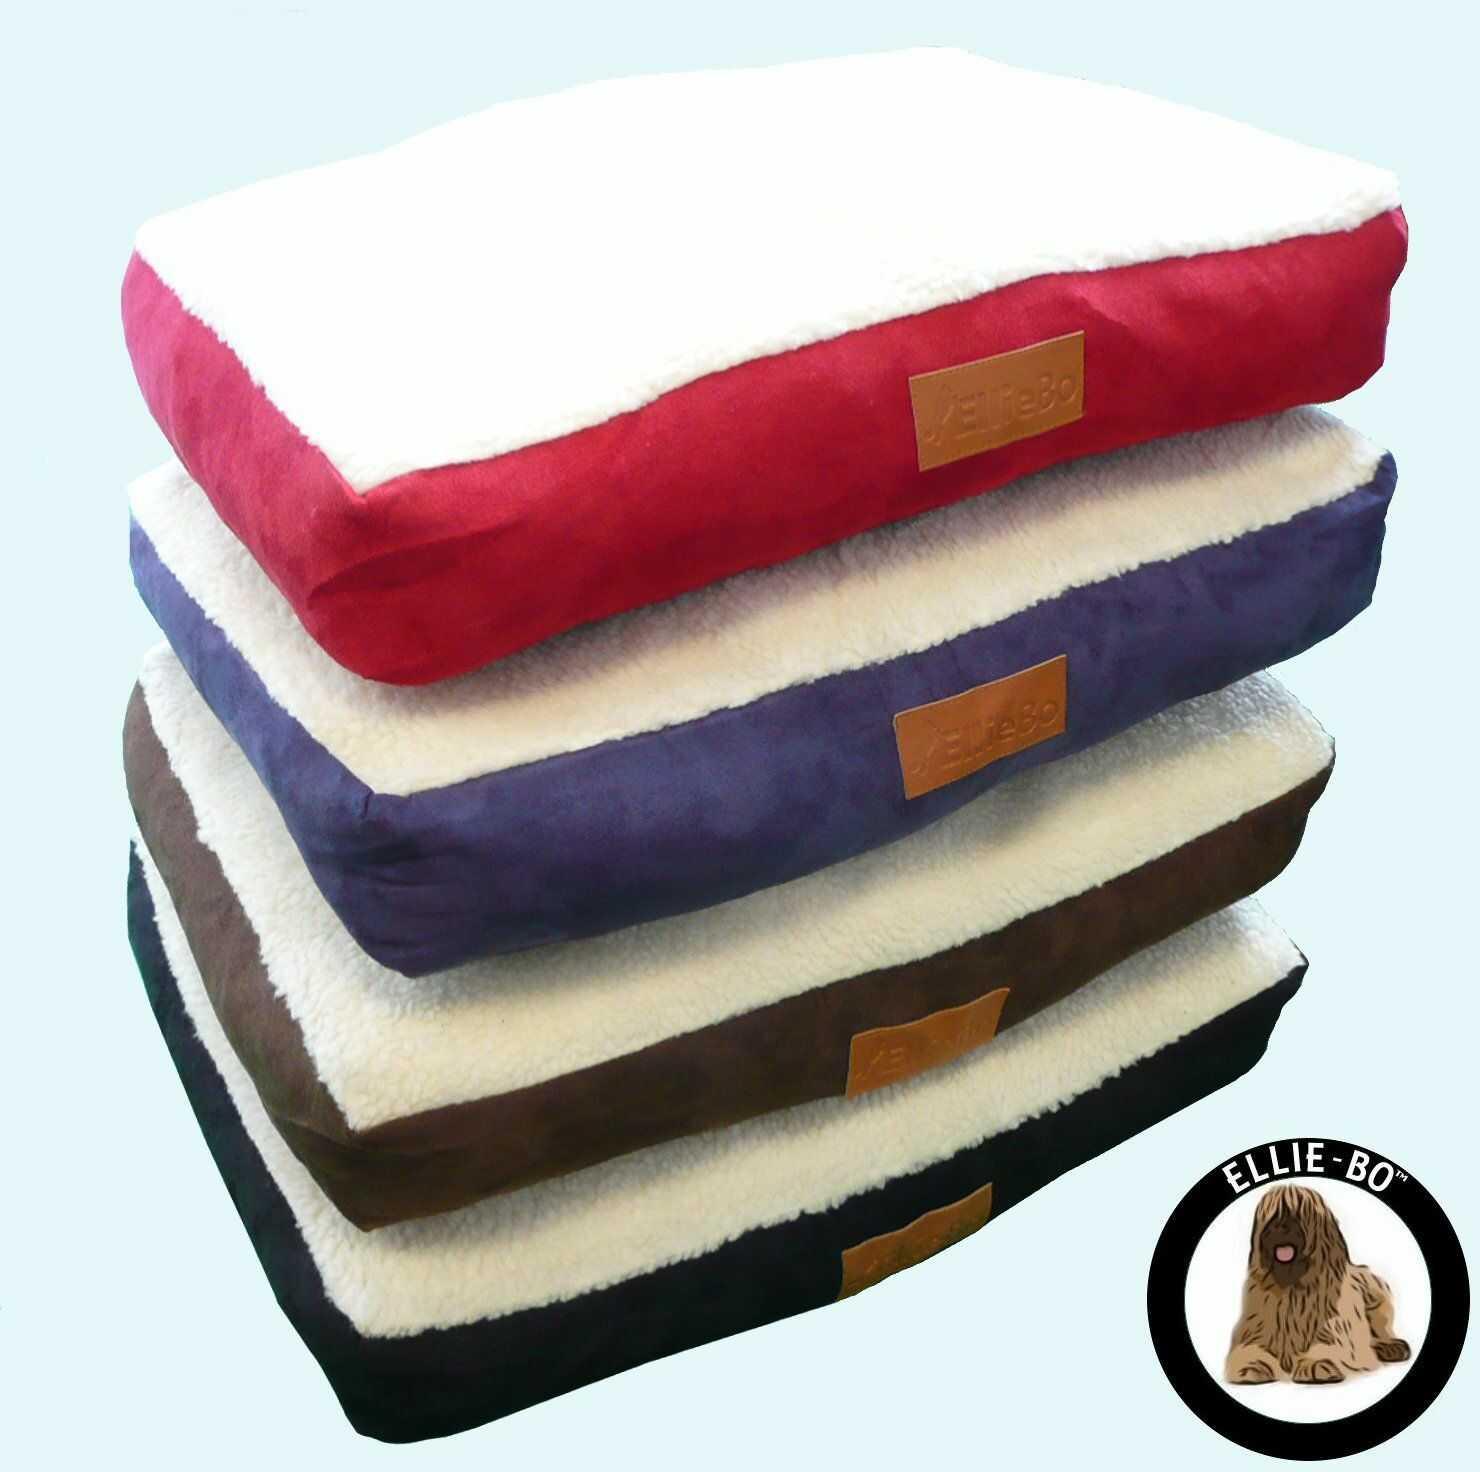 Ellie-Bo legowisko dla psa ze sztucznego zamszu i owczej skóry do klatki dla psów, XL, 117 x 75 x 10 cm